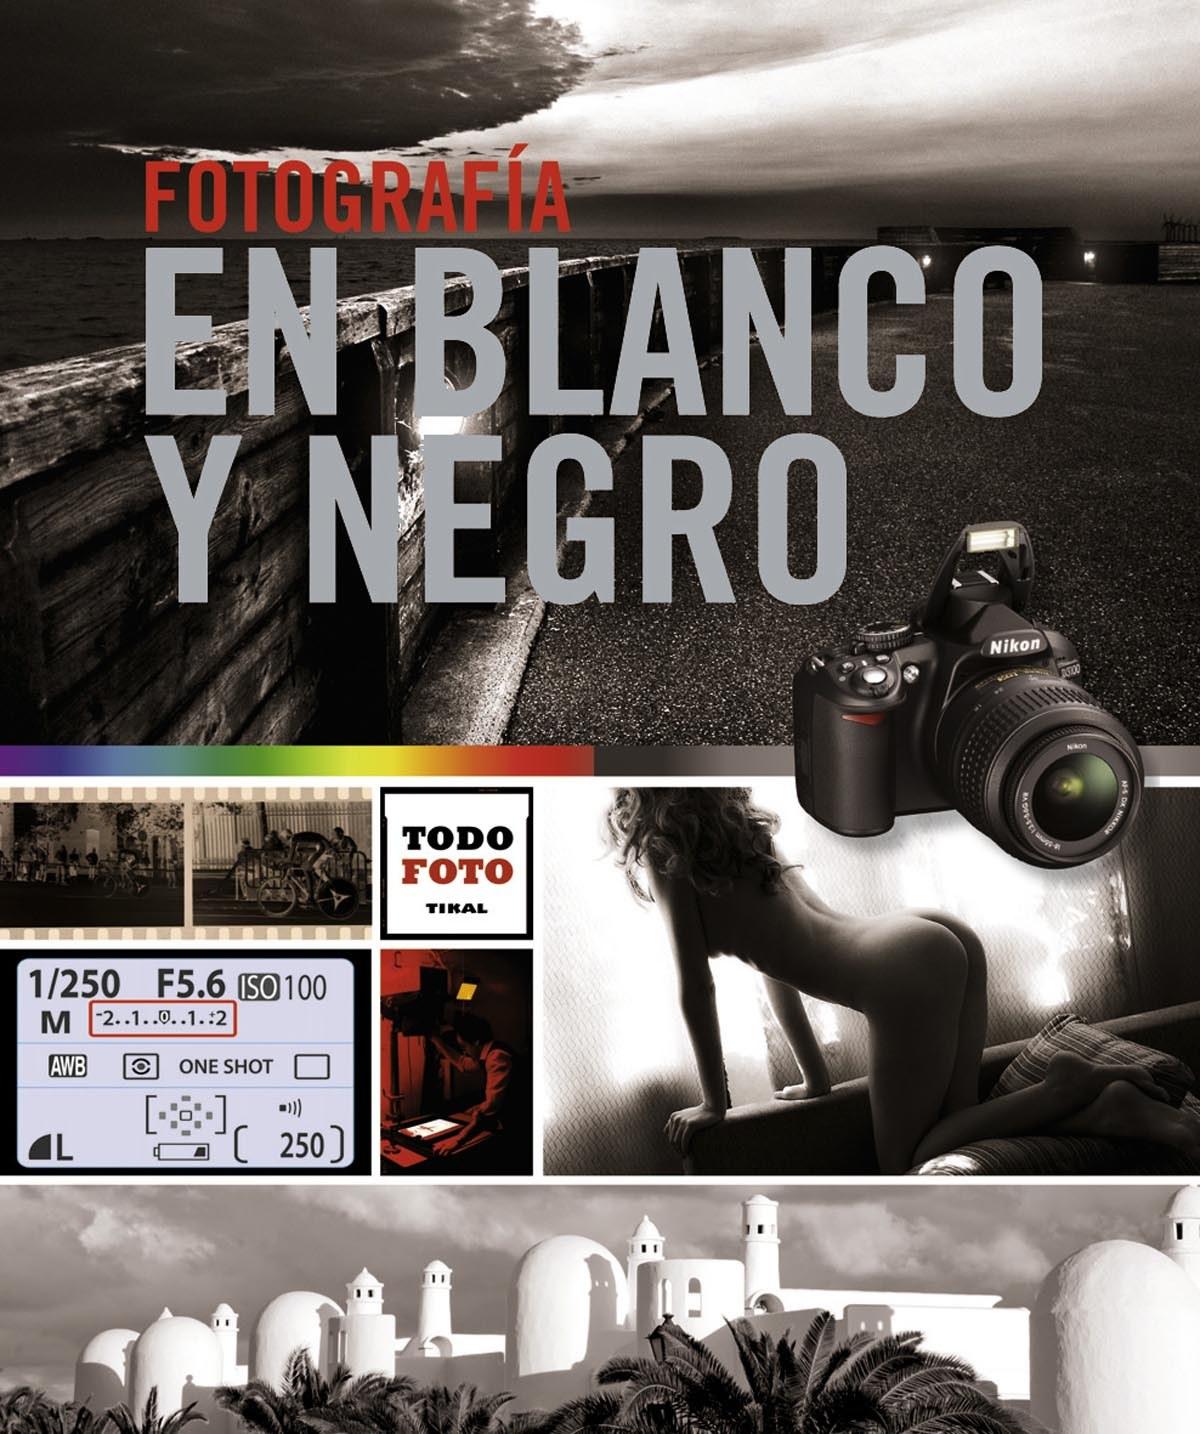 Fotografía en blanco y negro 9788499282633